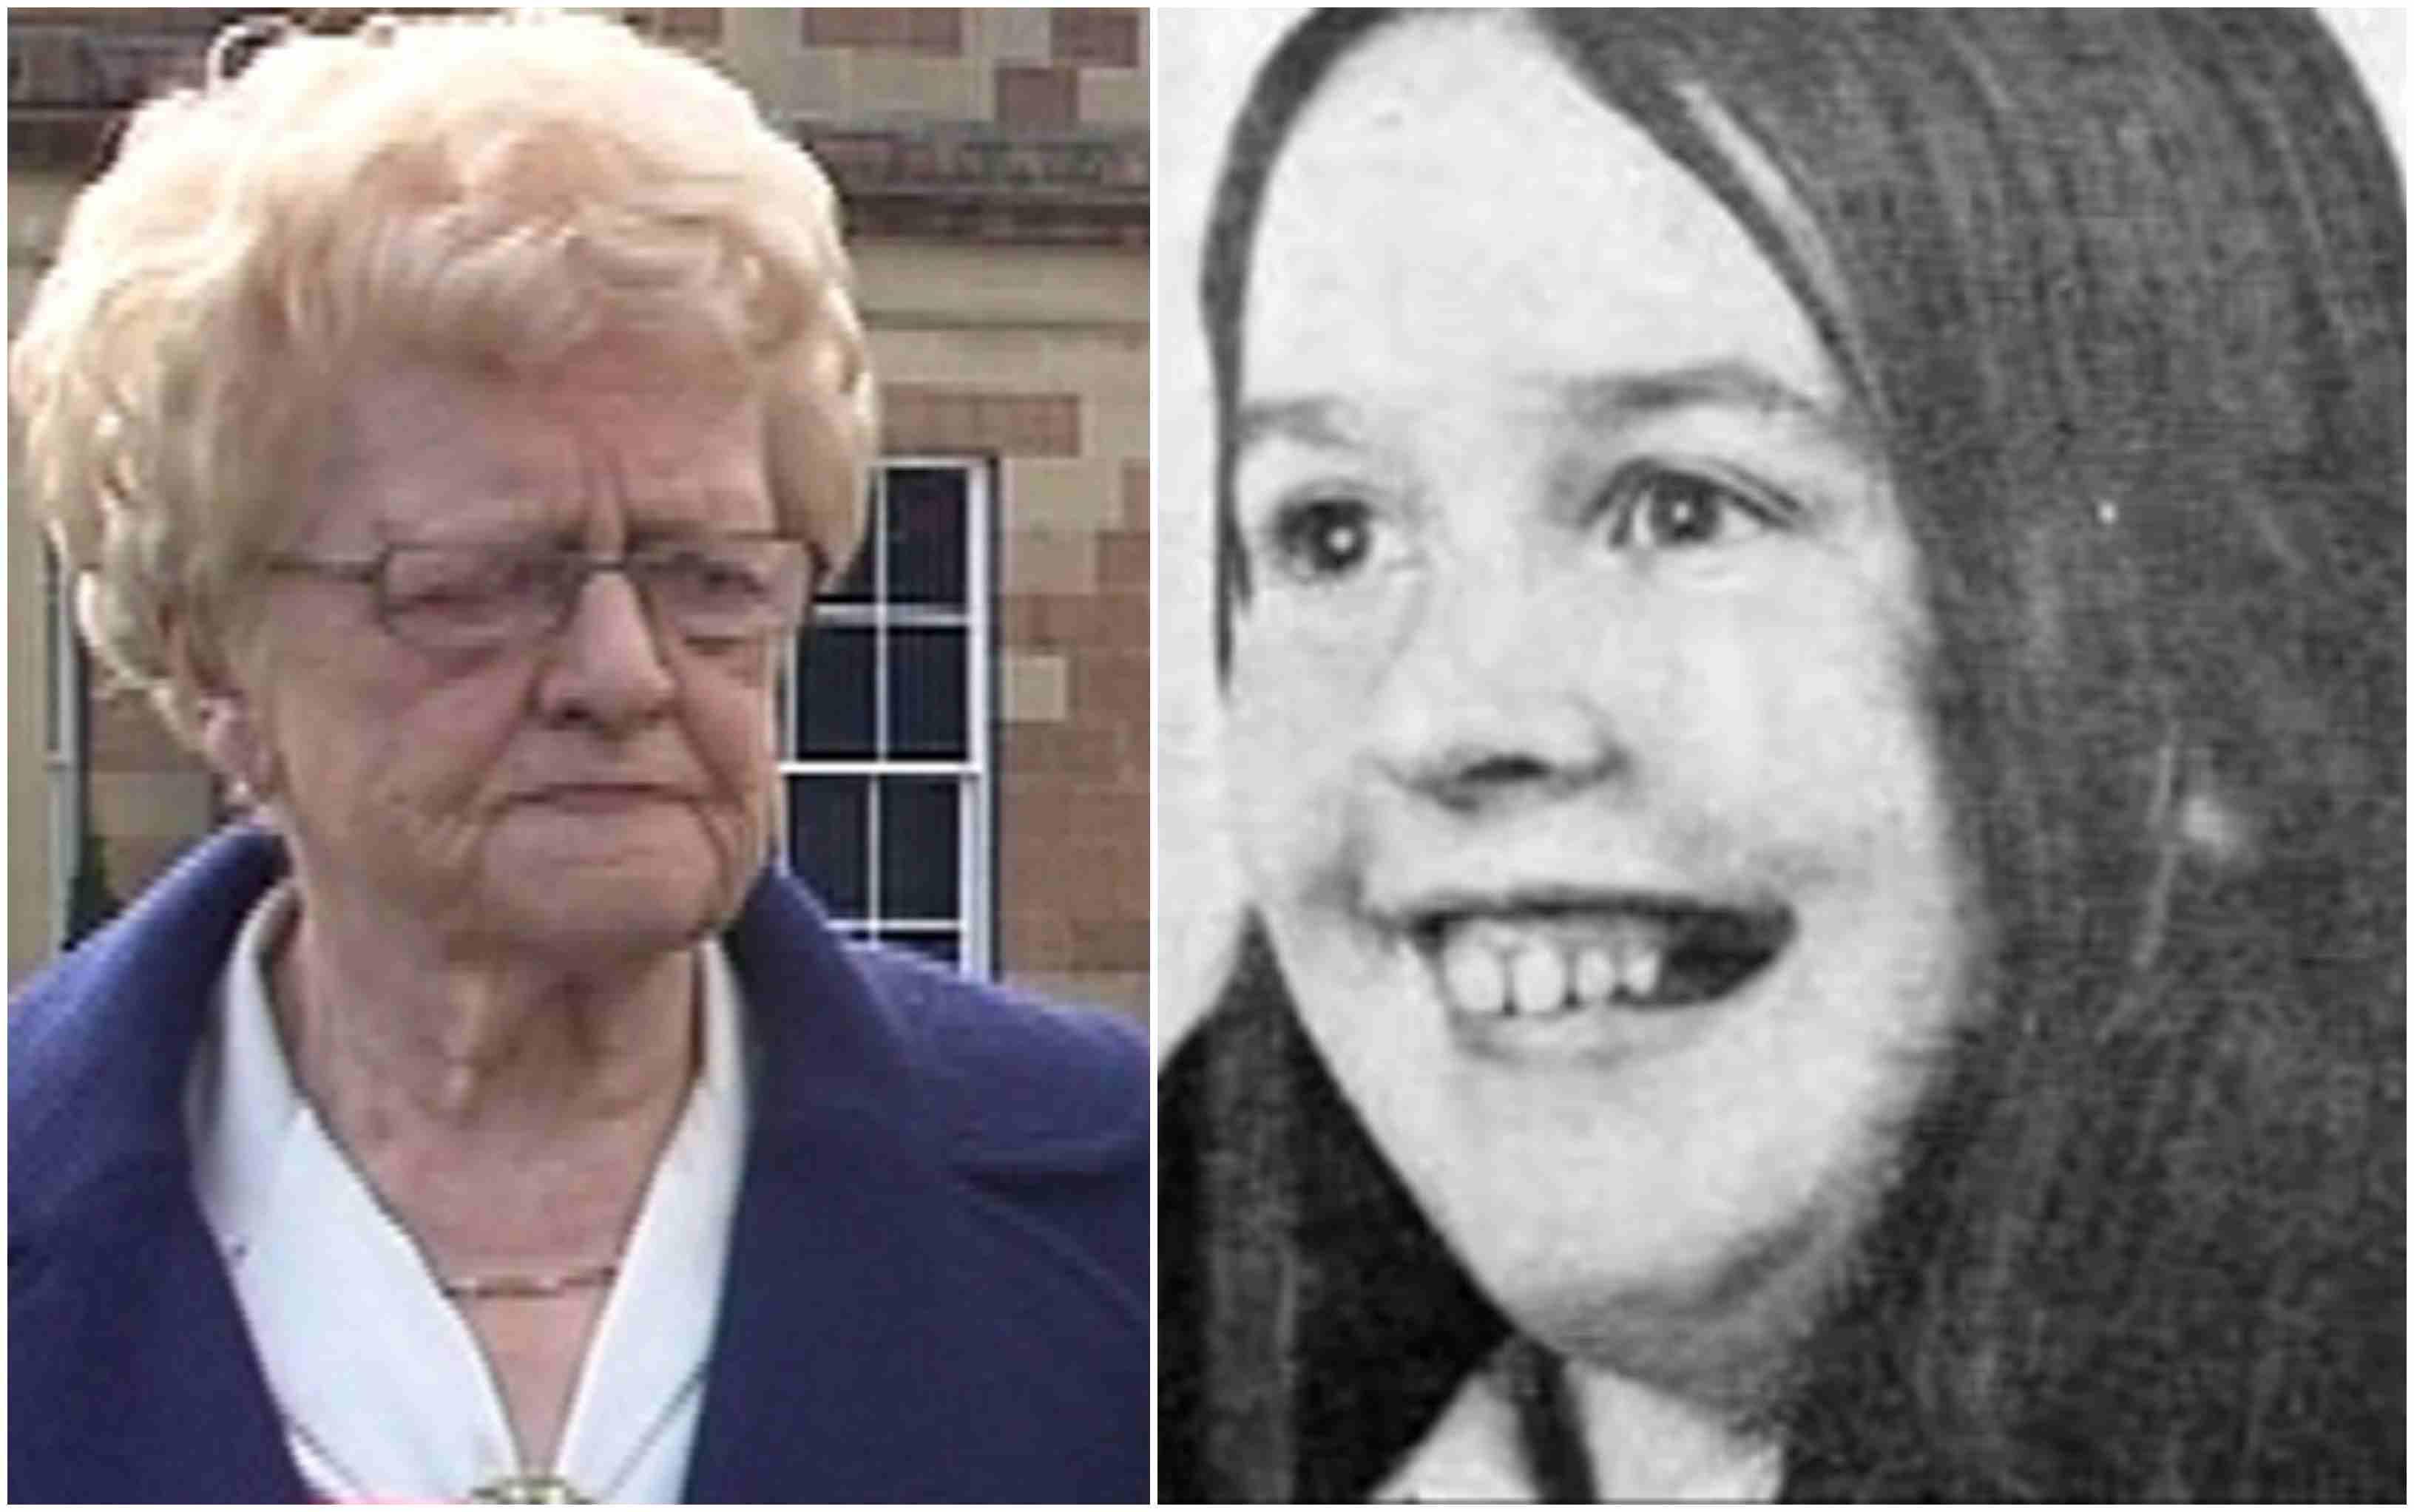 Mary O'Hare mother of Majella O'Hare